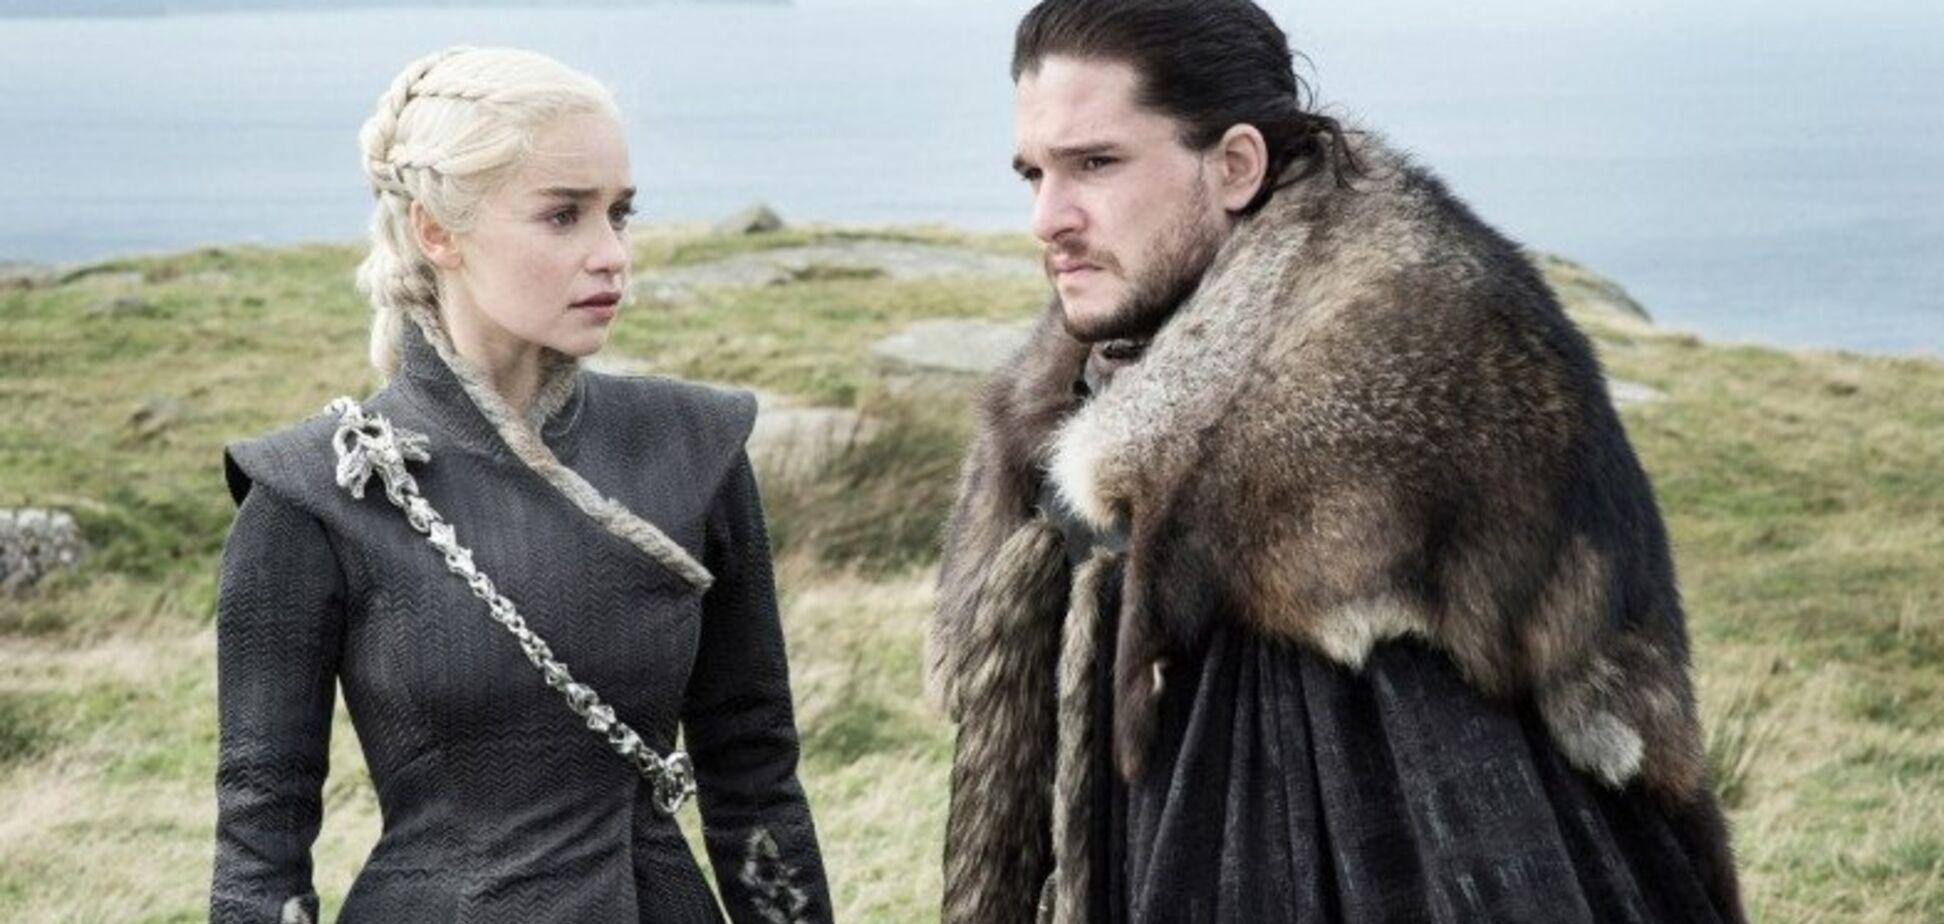 'Игры престолов': как влияют сериалы на человека